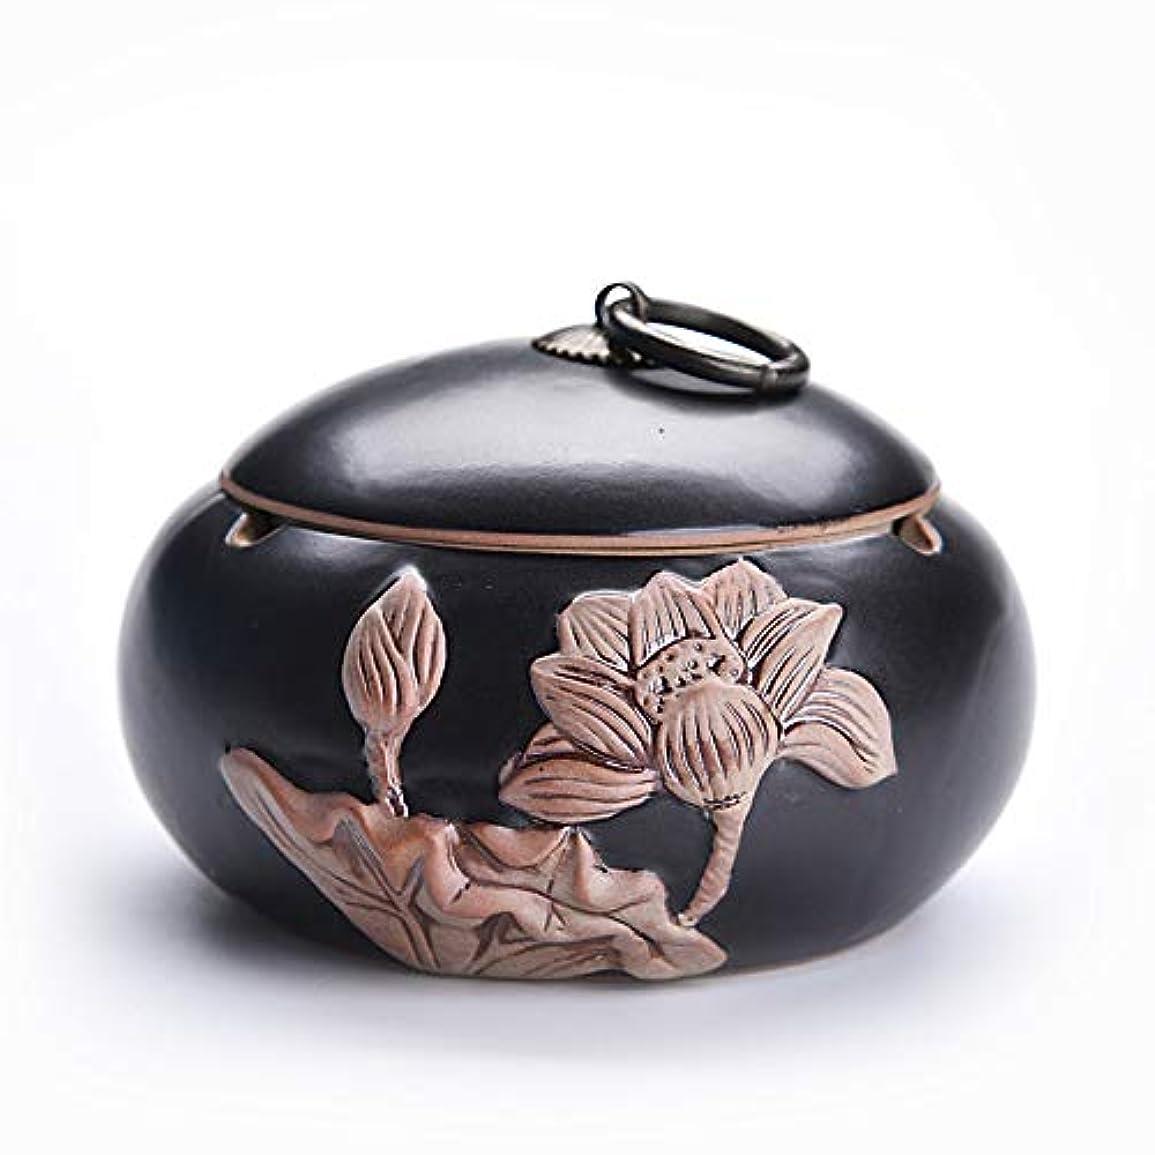 仕事に行くに向かってギャップ中国のレトロな創造的な鍋形セラミック灰皿ふた付き